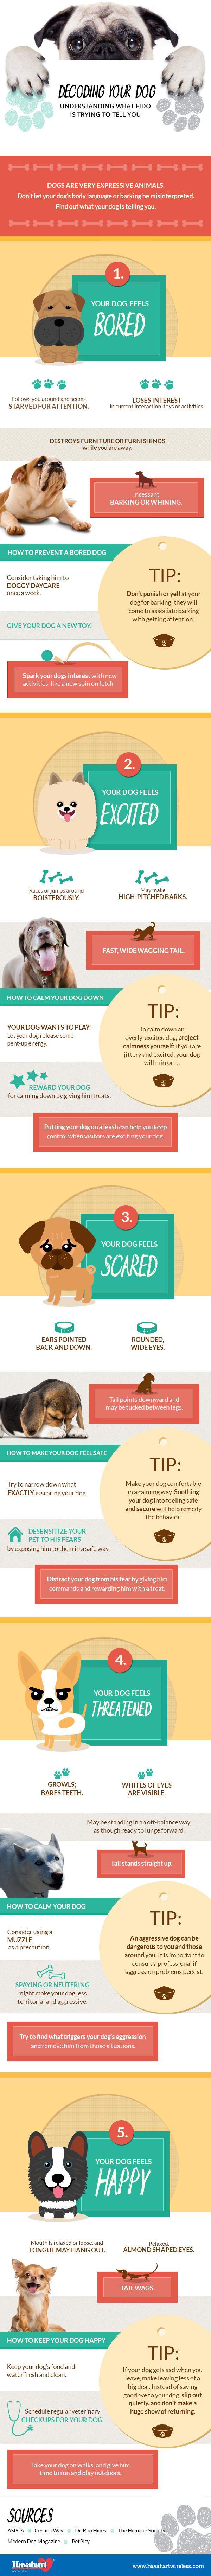 La comprensiГіn de su perro`s Body Language Infographic